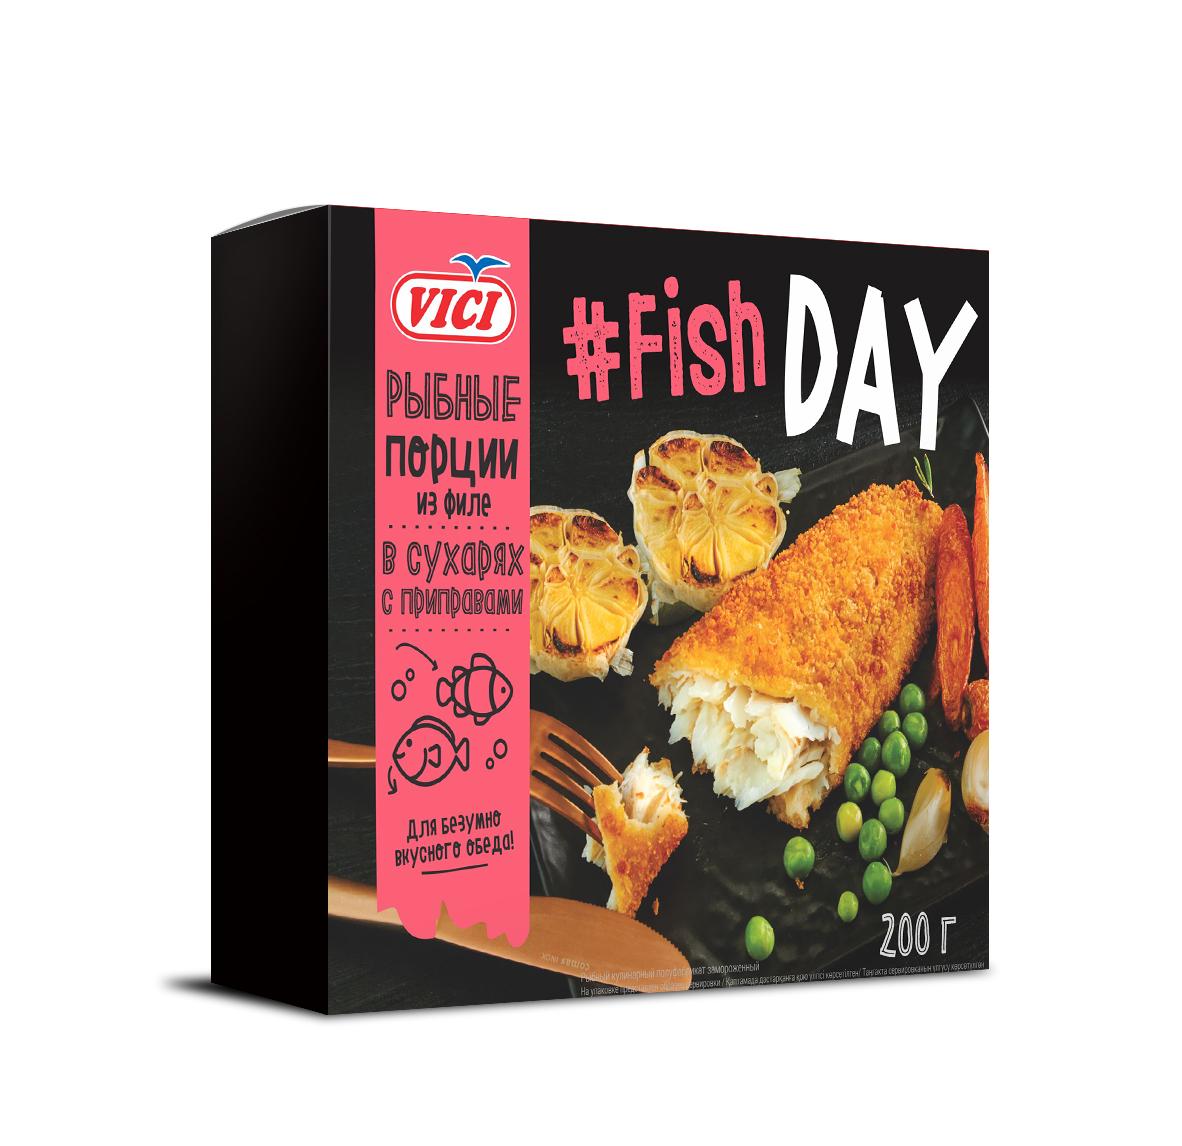 Рыбные порции из филе в сухарях с приправами Fish DAY'